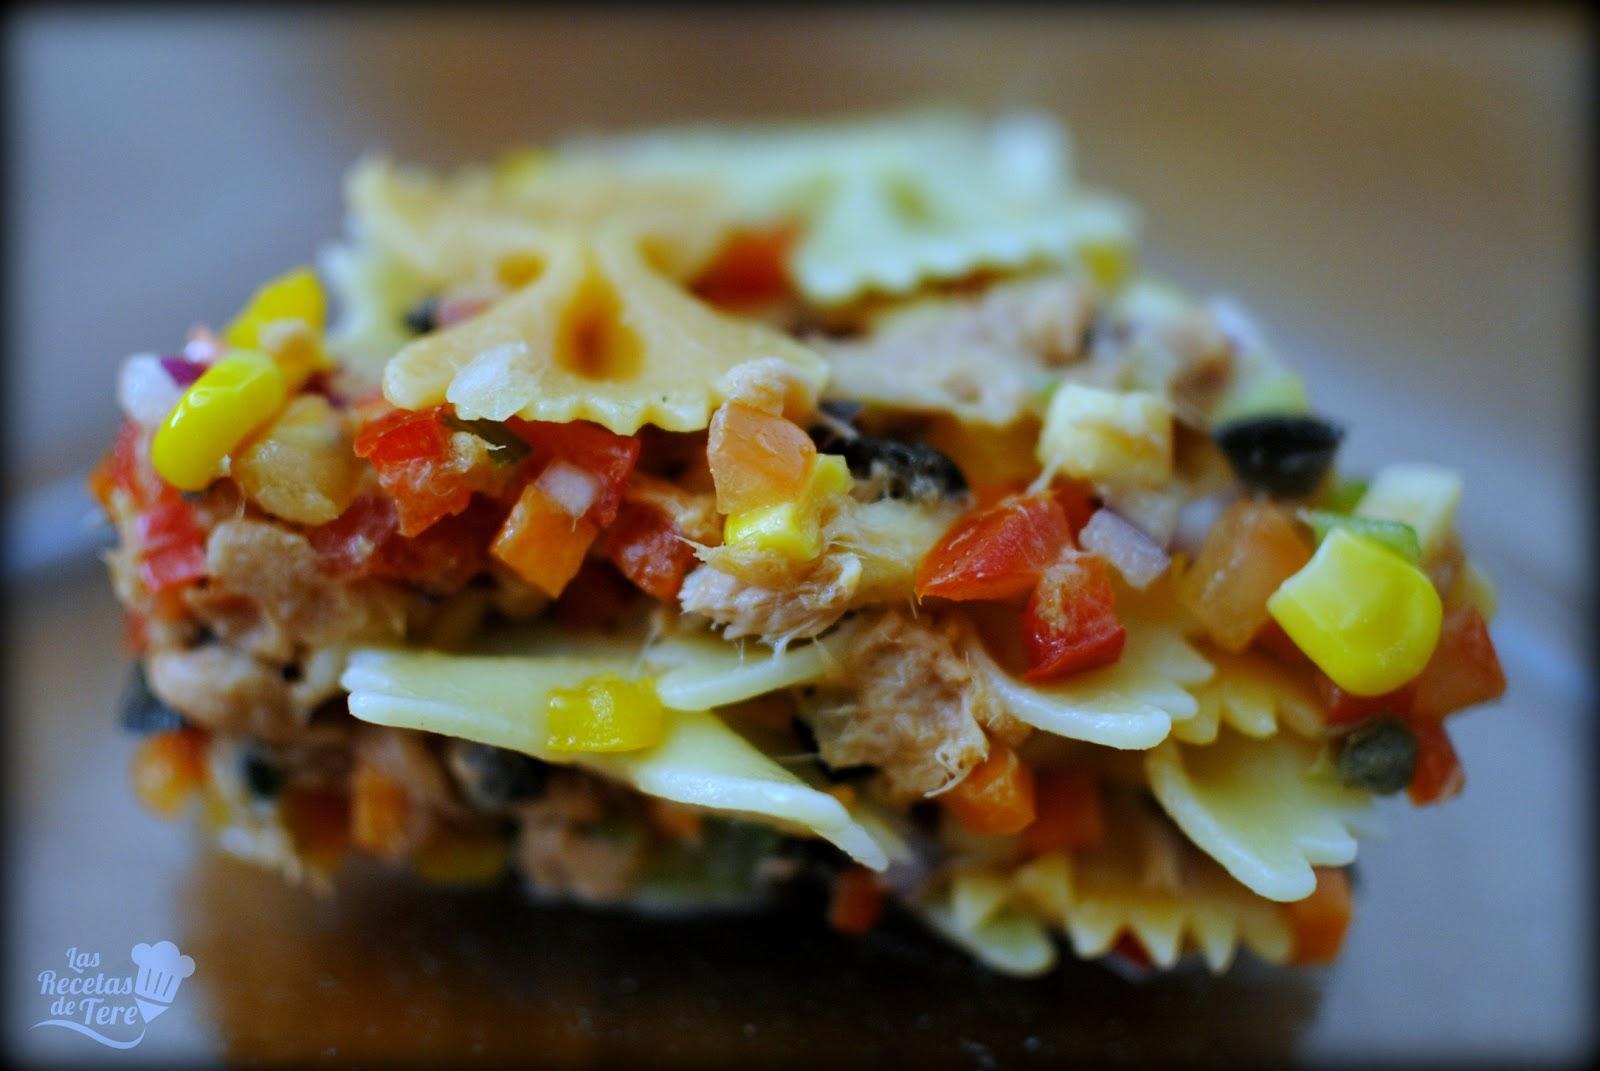 Ensalada de pasta, atún y vegetales.